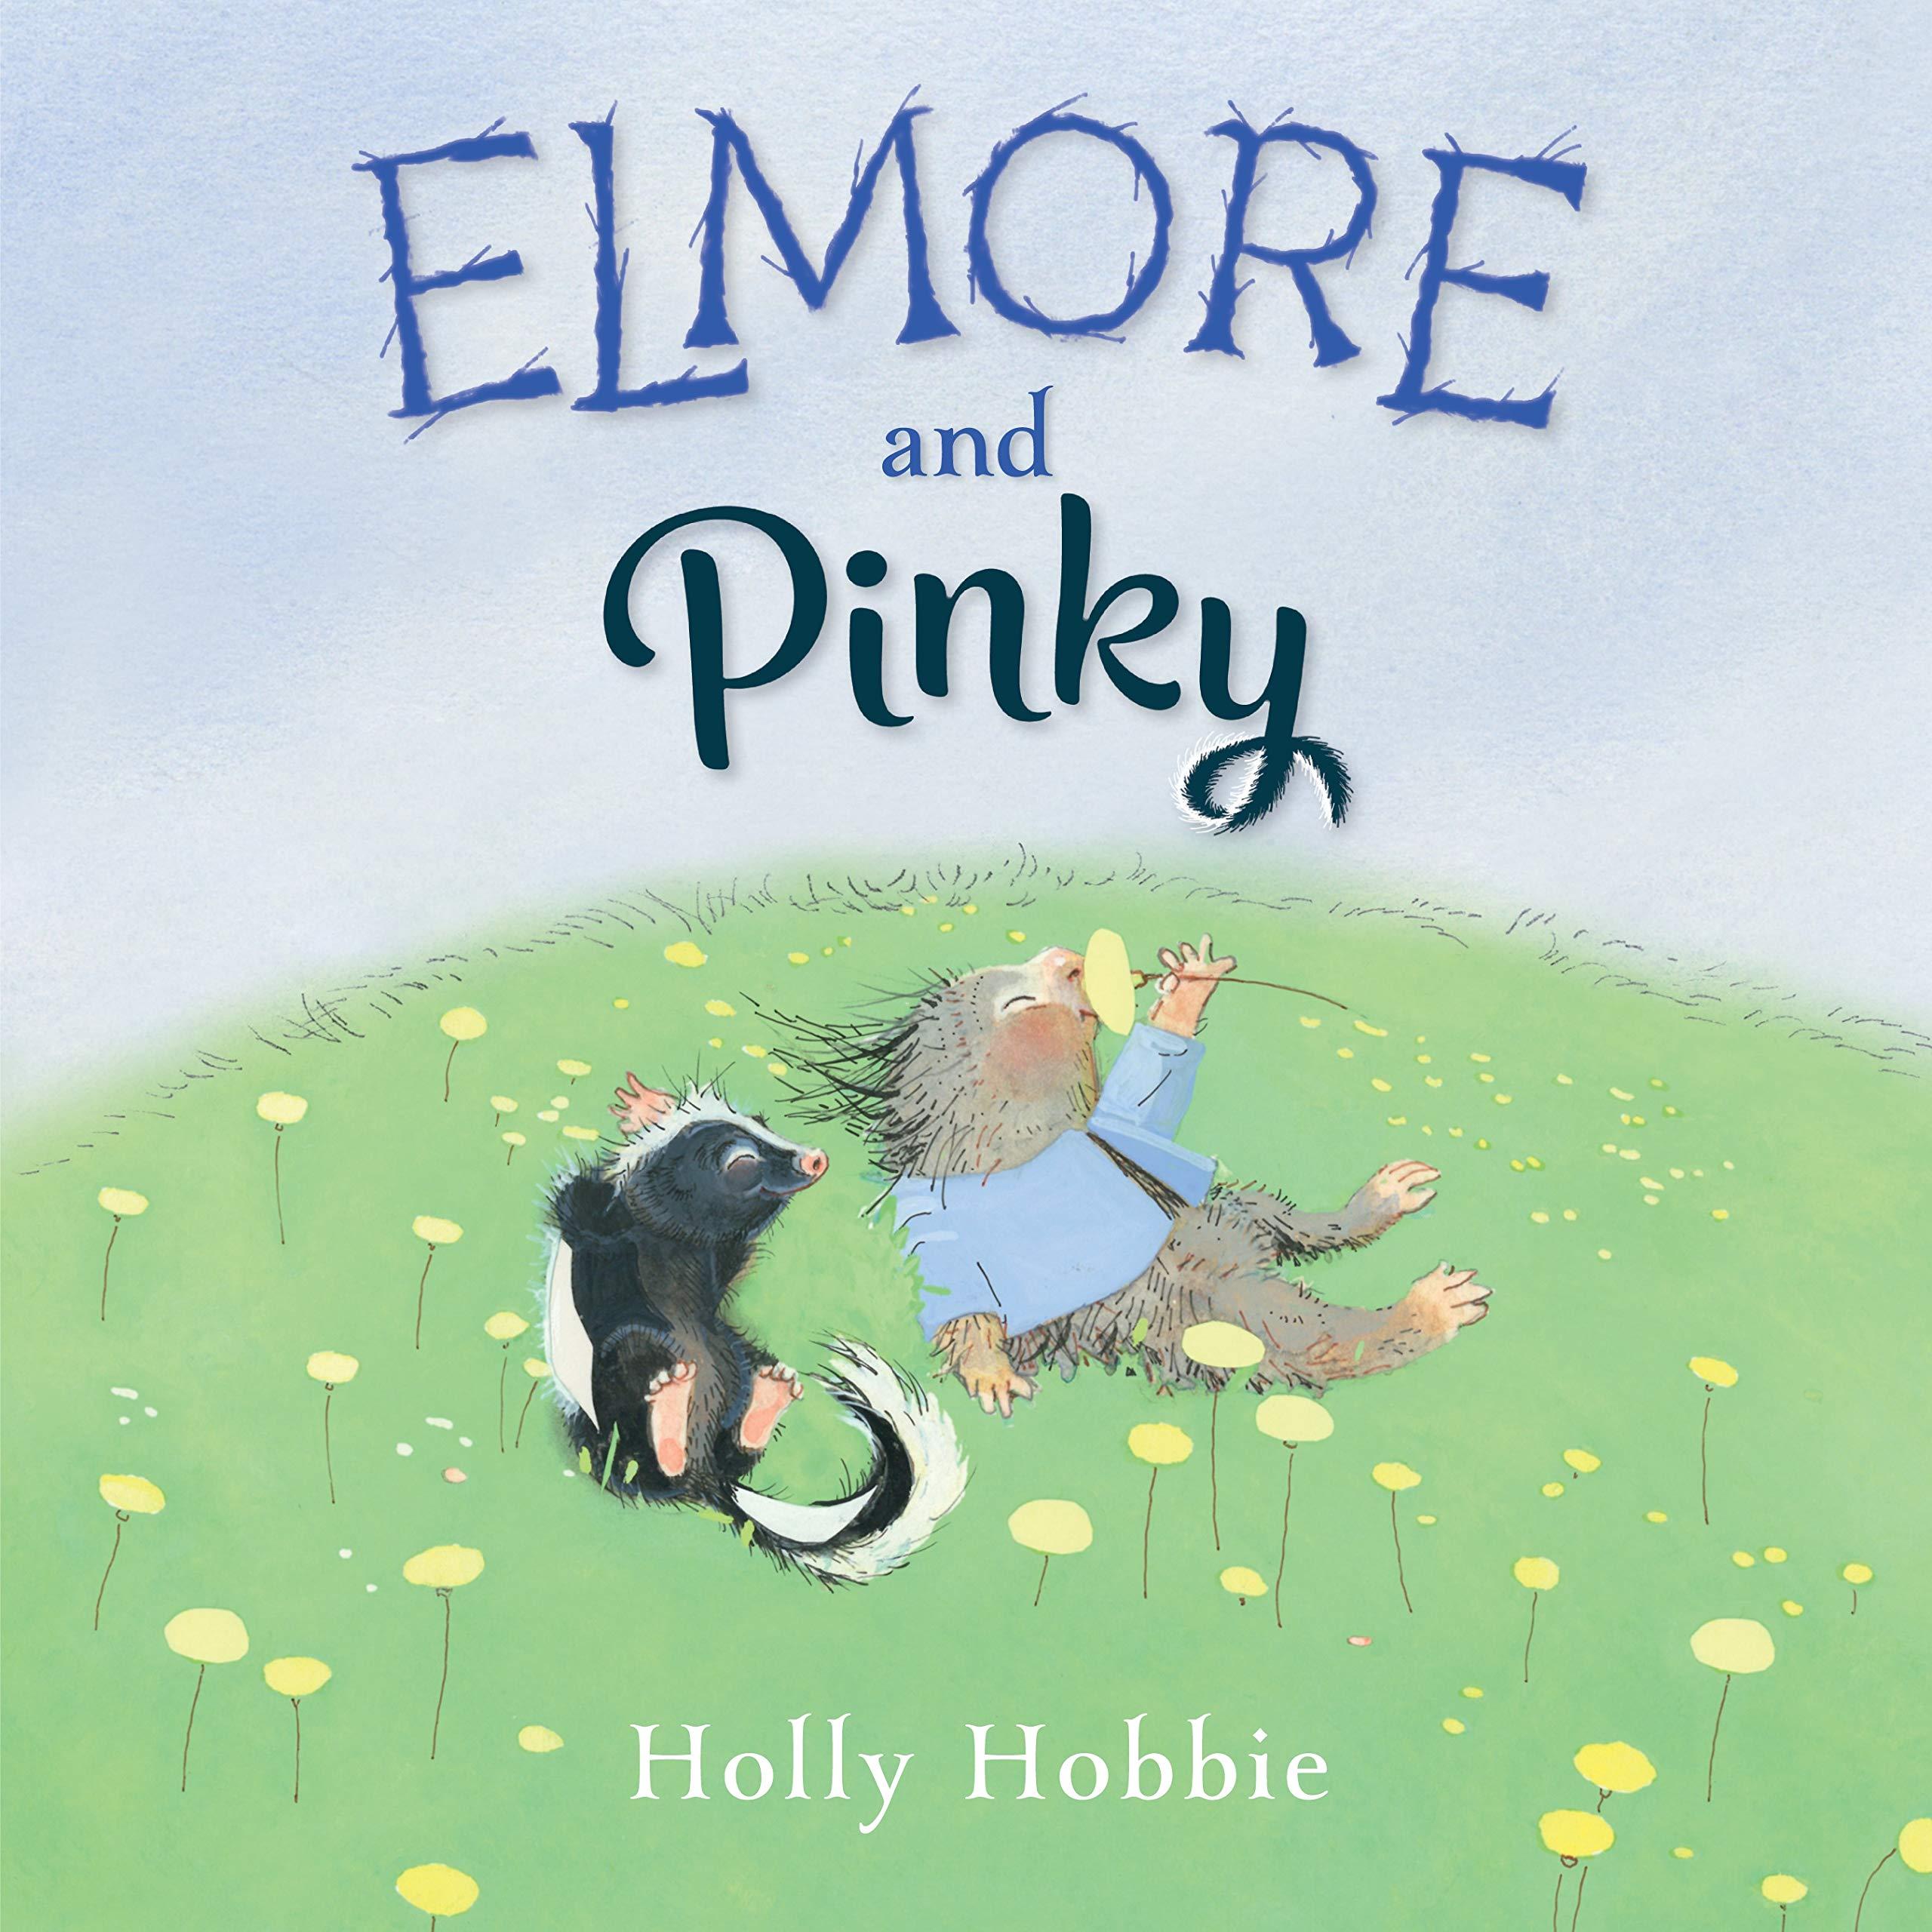 Elmore and Pinky: Hobbie, Holly: 9781524770815: Amazon.com: Books